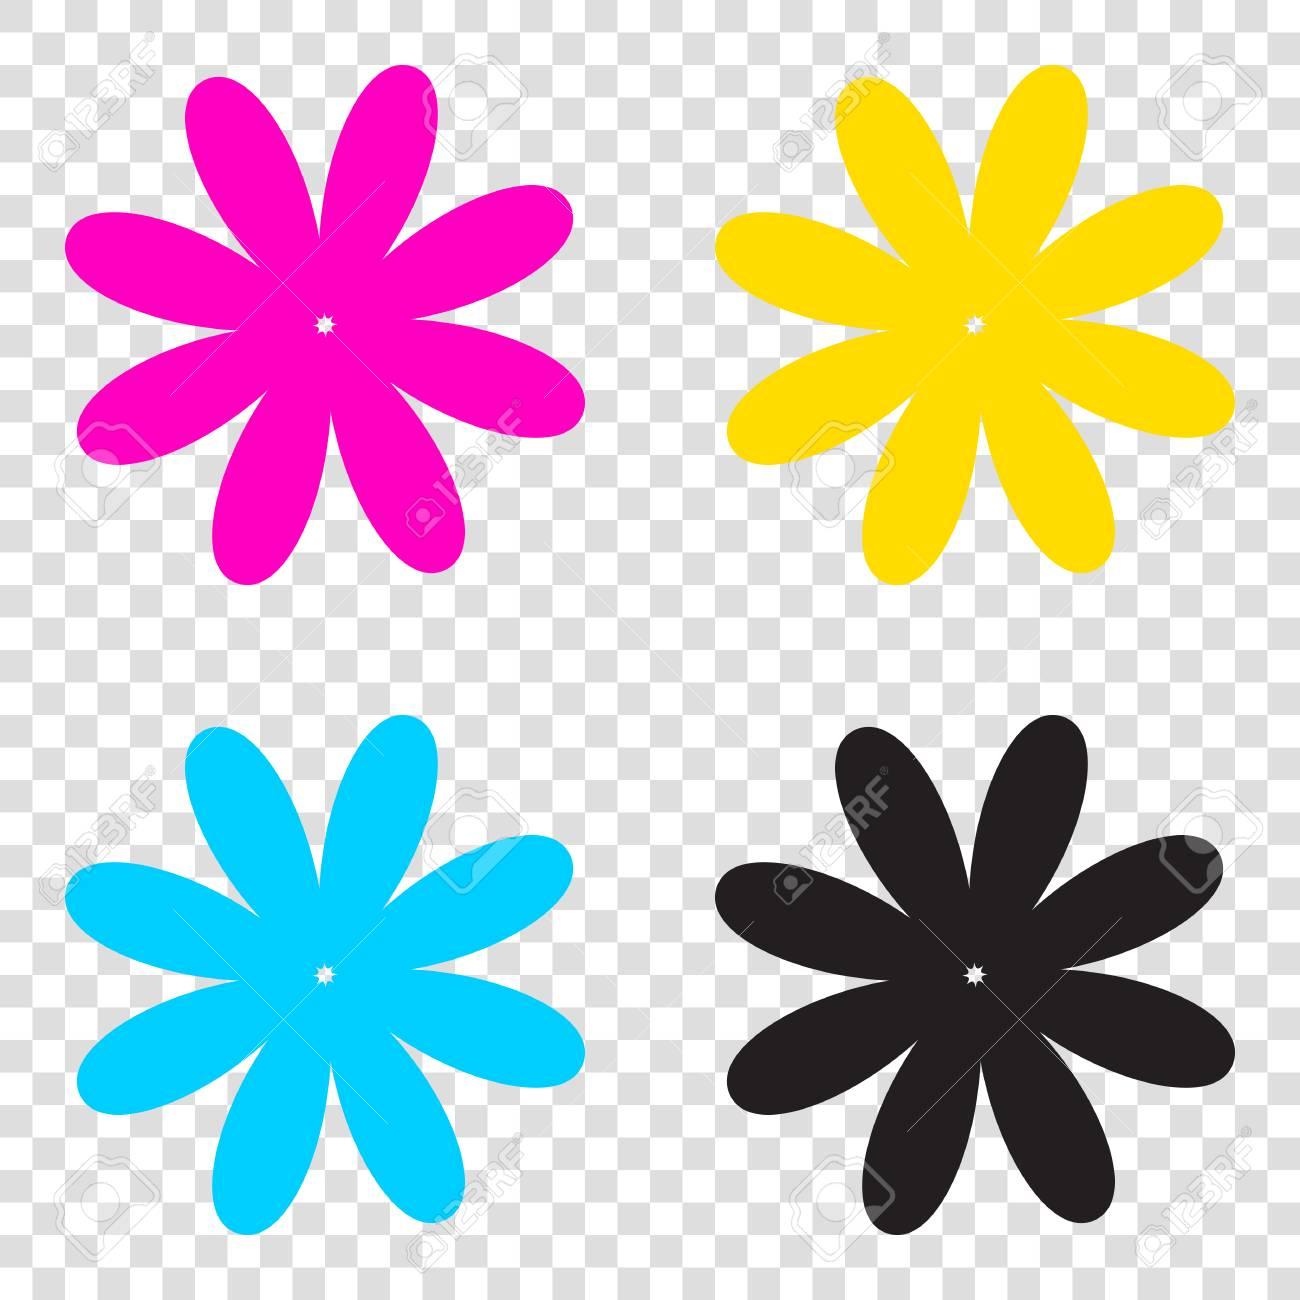 花の記号の図。透明な背景に cmyk アイコン。シアン、マゼンタ、黄色